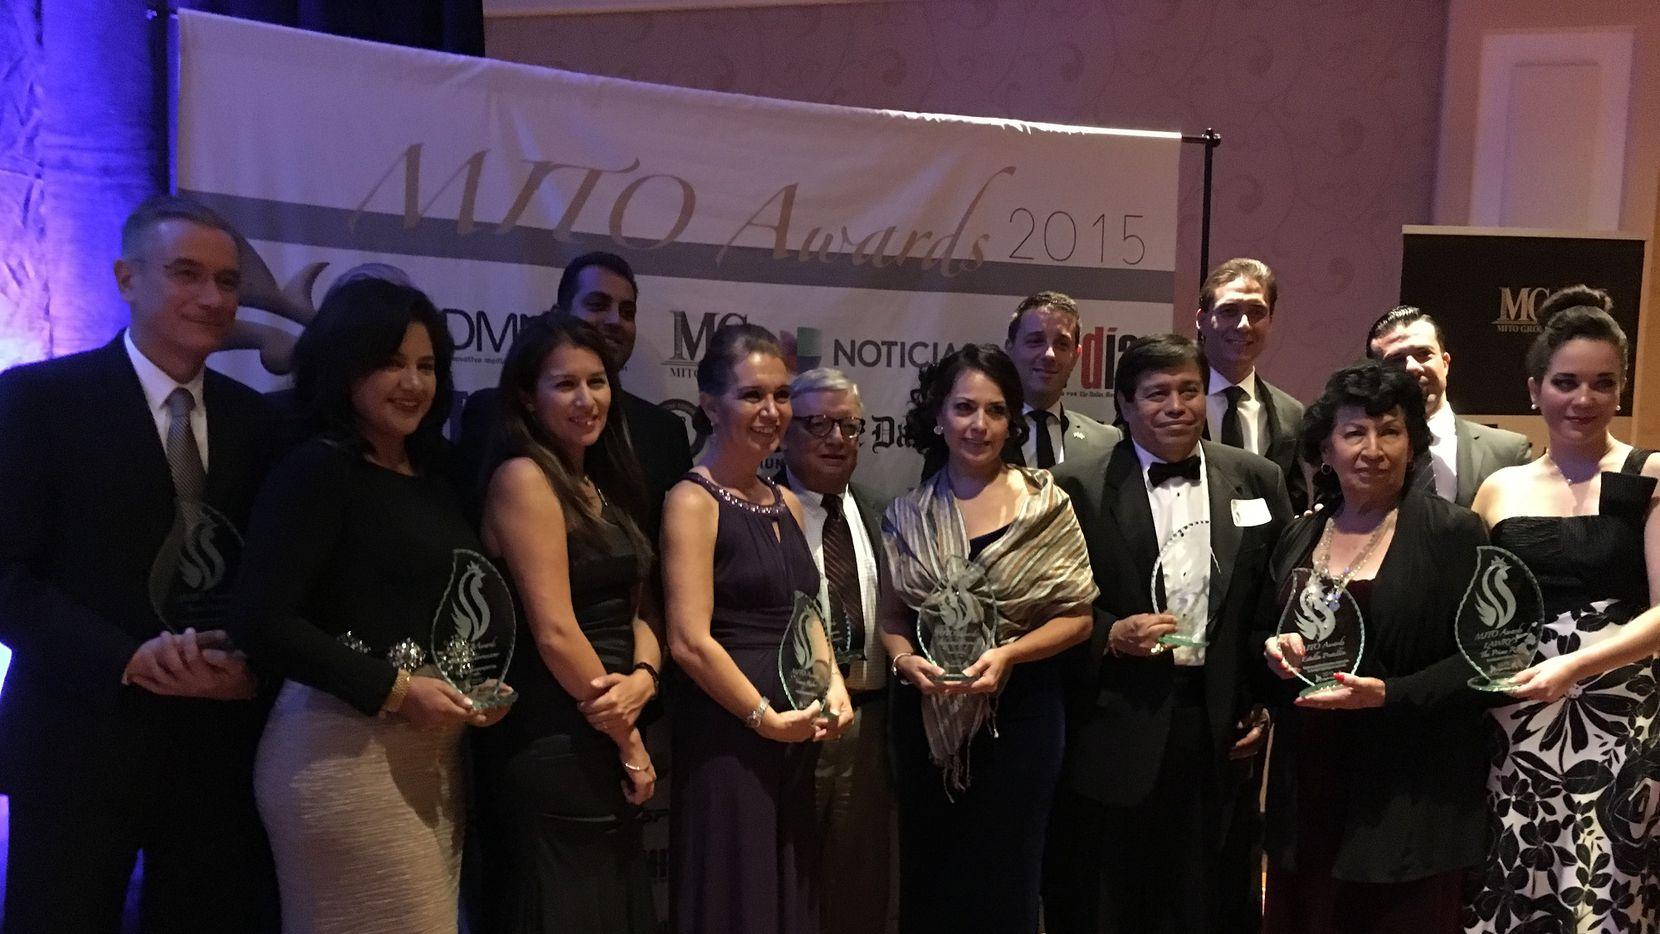 Los galardonados de los Premios MITO 2015. (KARINA RAMÍREZ/Al DÍA)